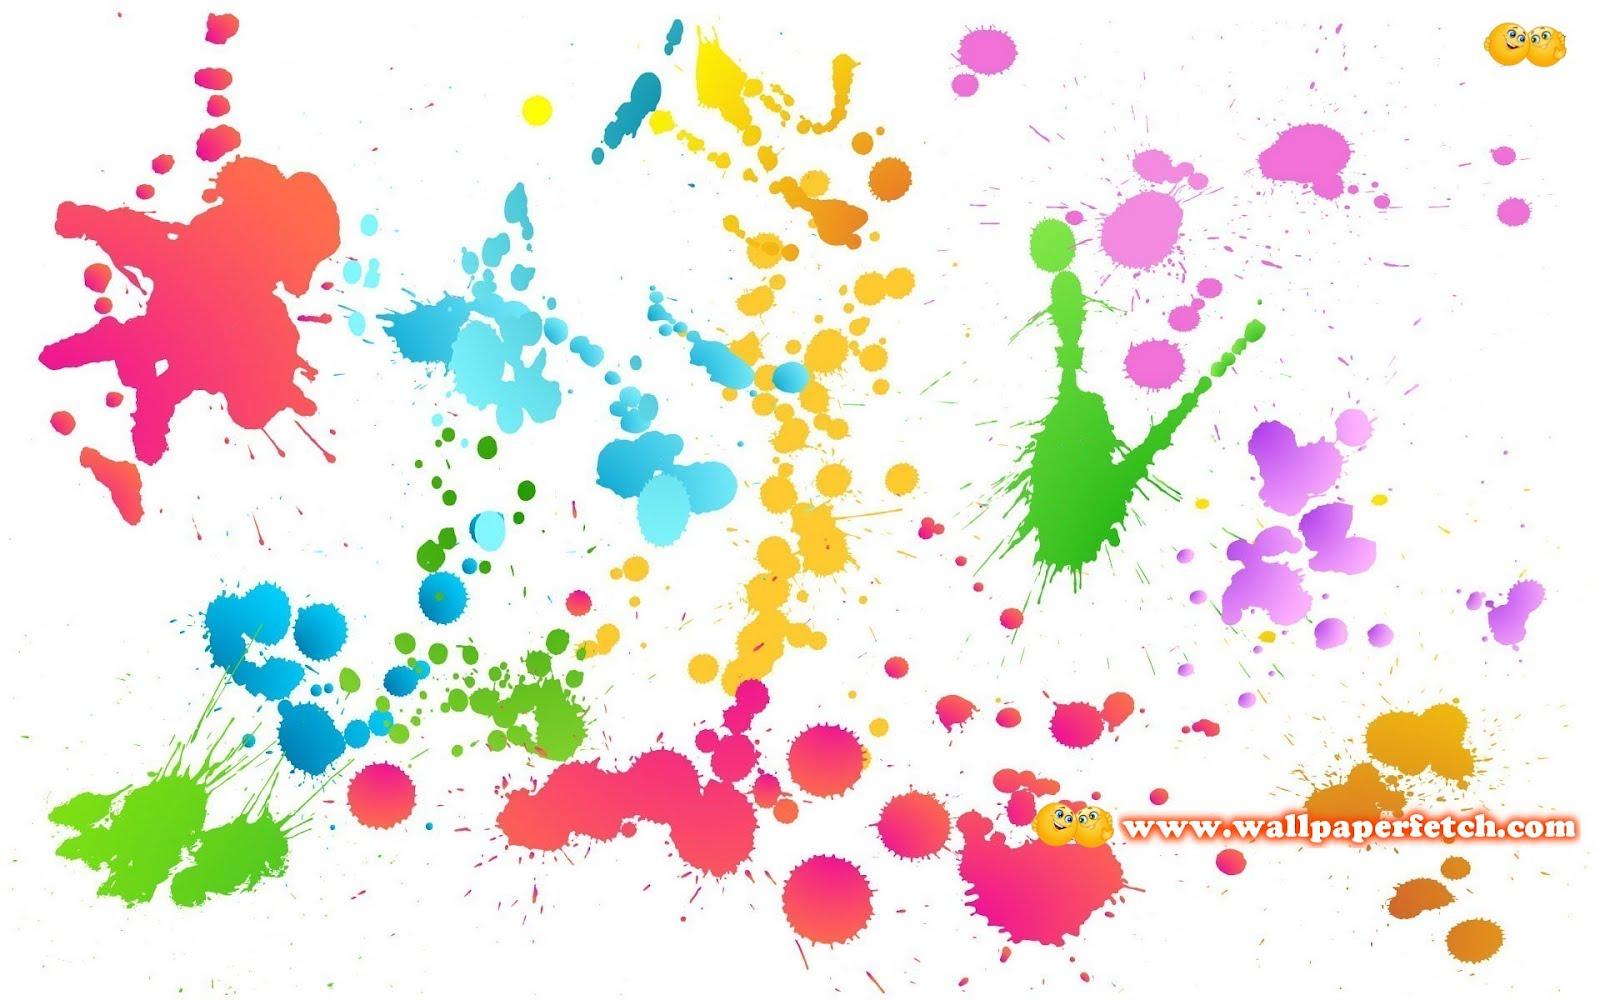 http://4.bp.blogspot.com/-3Oh3lhyZBgI/T2DzZ-y-oLI/AAAAAAAADEE/dtIfZrkdHDE/s1600/color-splash-6745-1920x1200.jpg